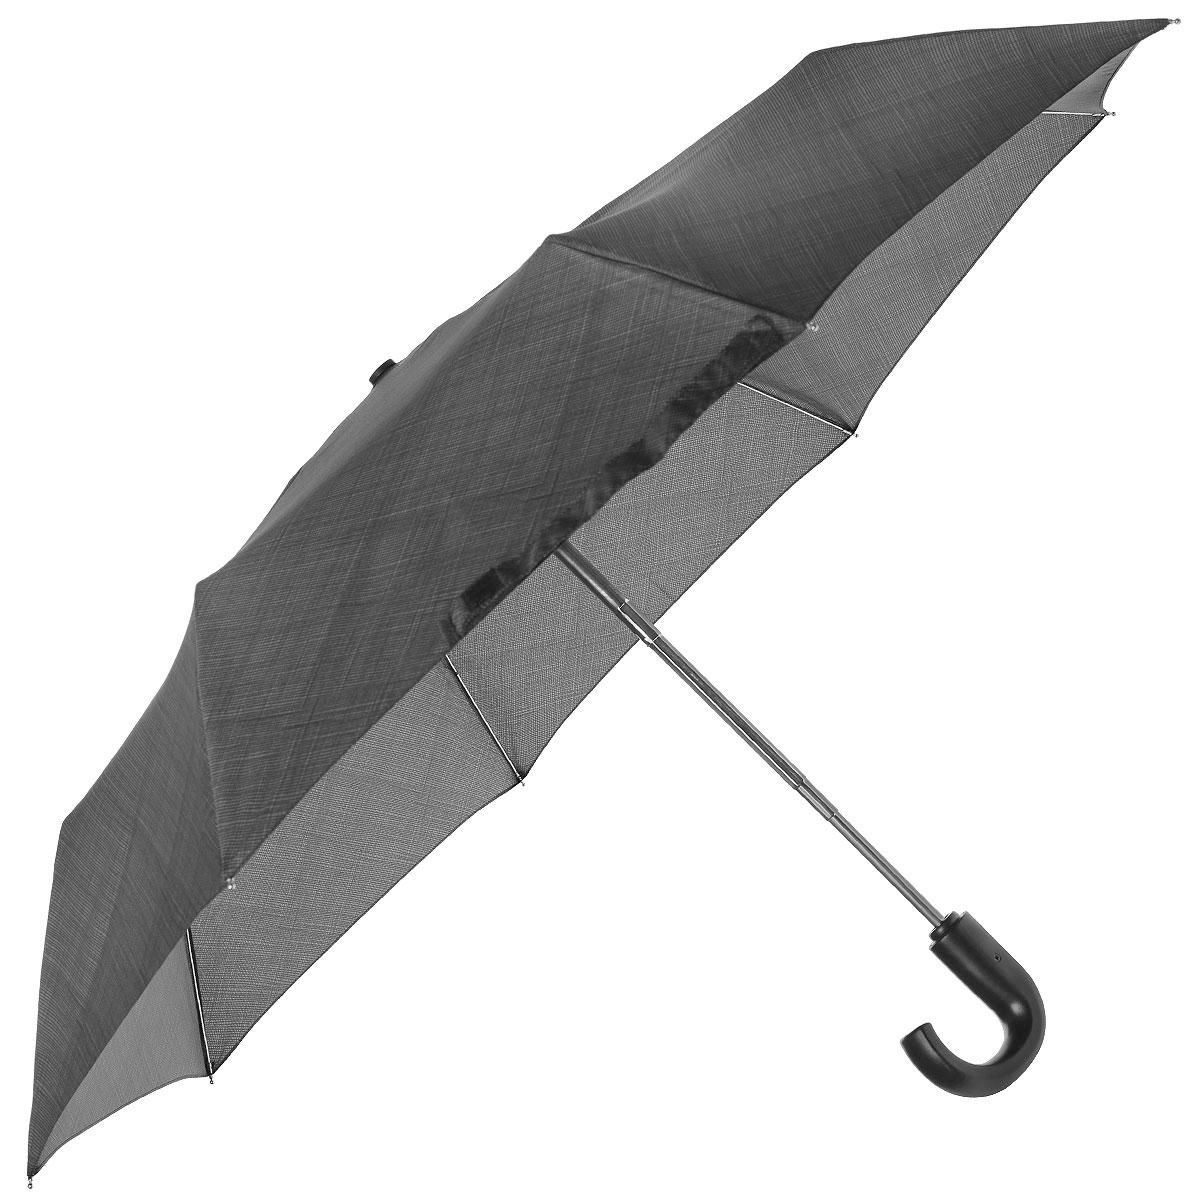 """Зонт мужской Fulton Weave Grey, автомат, 3 сложения, цвет: серыйG834 3S2250Стильный зонт """"Weave Grey"""" даже в ненастную погоду позволит вам оставаться элегантным. """"Ветростойкий"""" каркас зонта состоит из восьми металлических спиц, стержень выполнен из стали. Зонт оснащен удобной рукояткой закругленной формы, выполненной из пластика. Купол зонта выполнен из прочного полиэстера серого цвета. К зонту прилагается чехол. Зонт автоматического сложения: купол открывается и закрывается нажатием кнопки, стержень складывается вручную до характерного щелчка."""